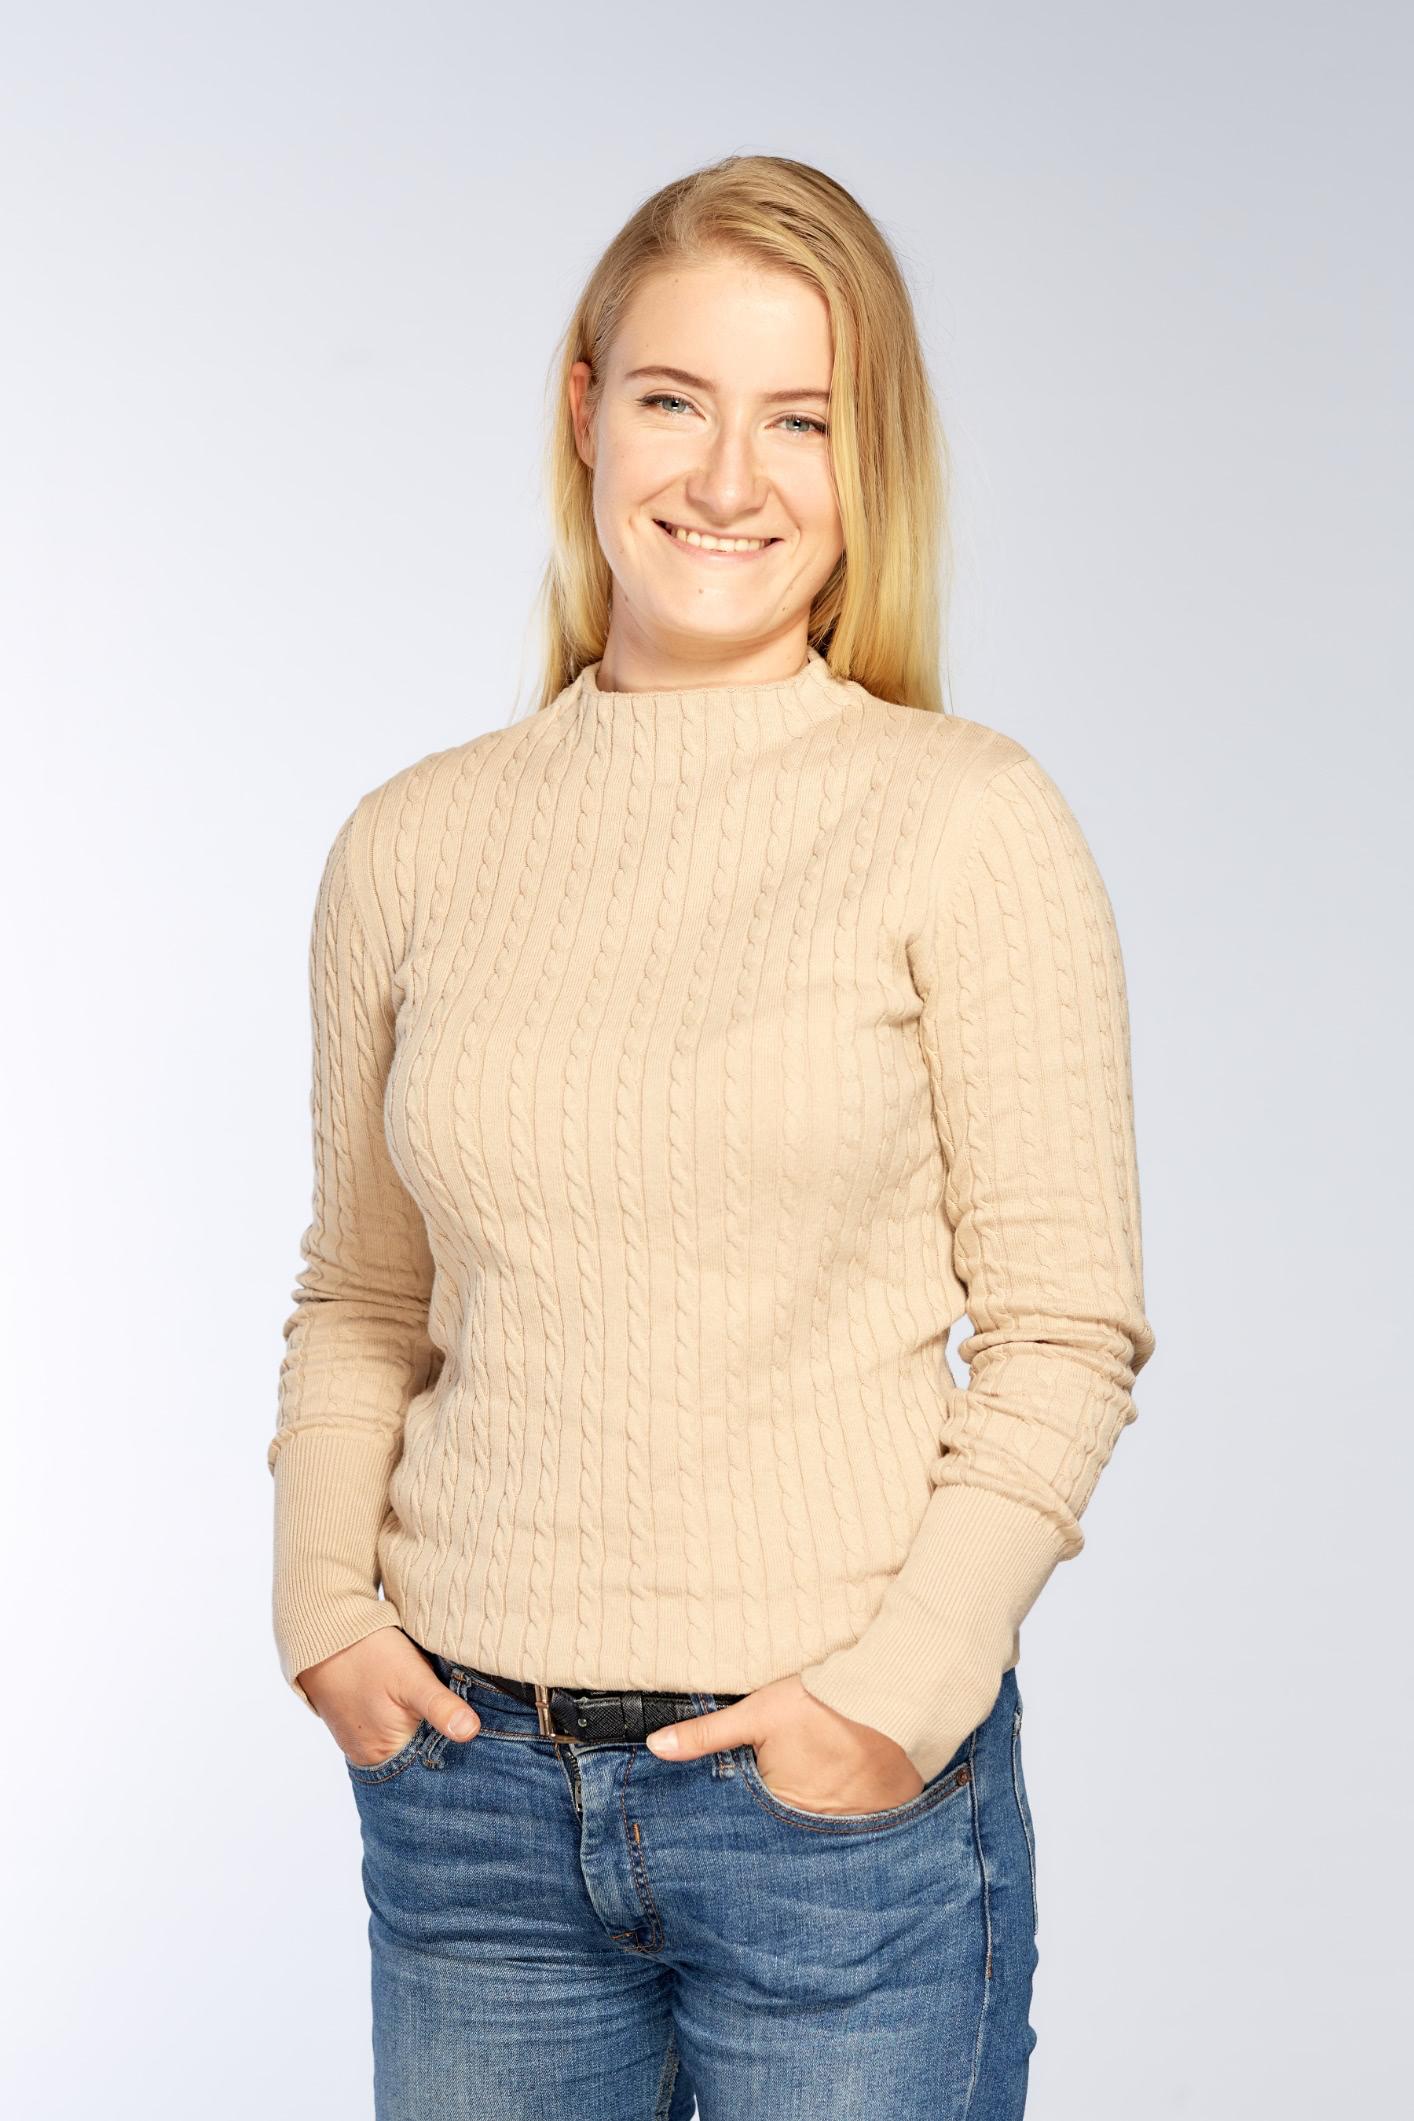 Lisa Kindermann